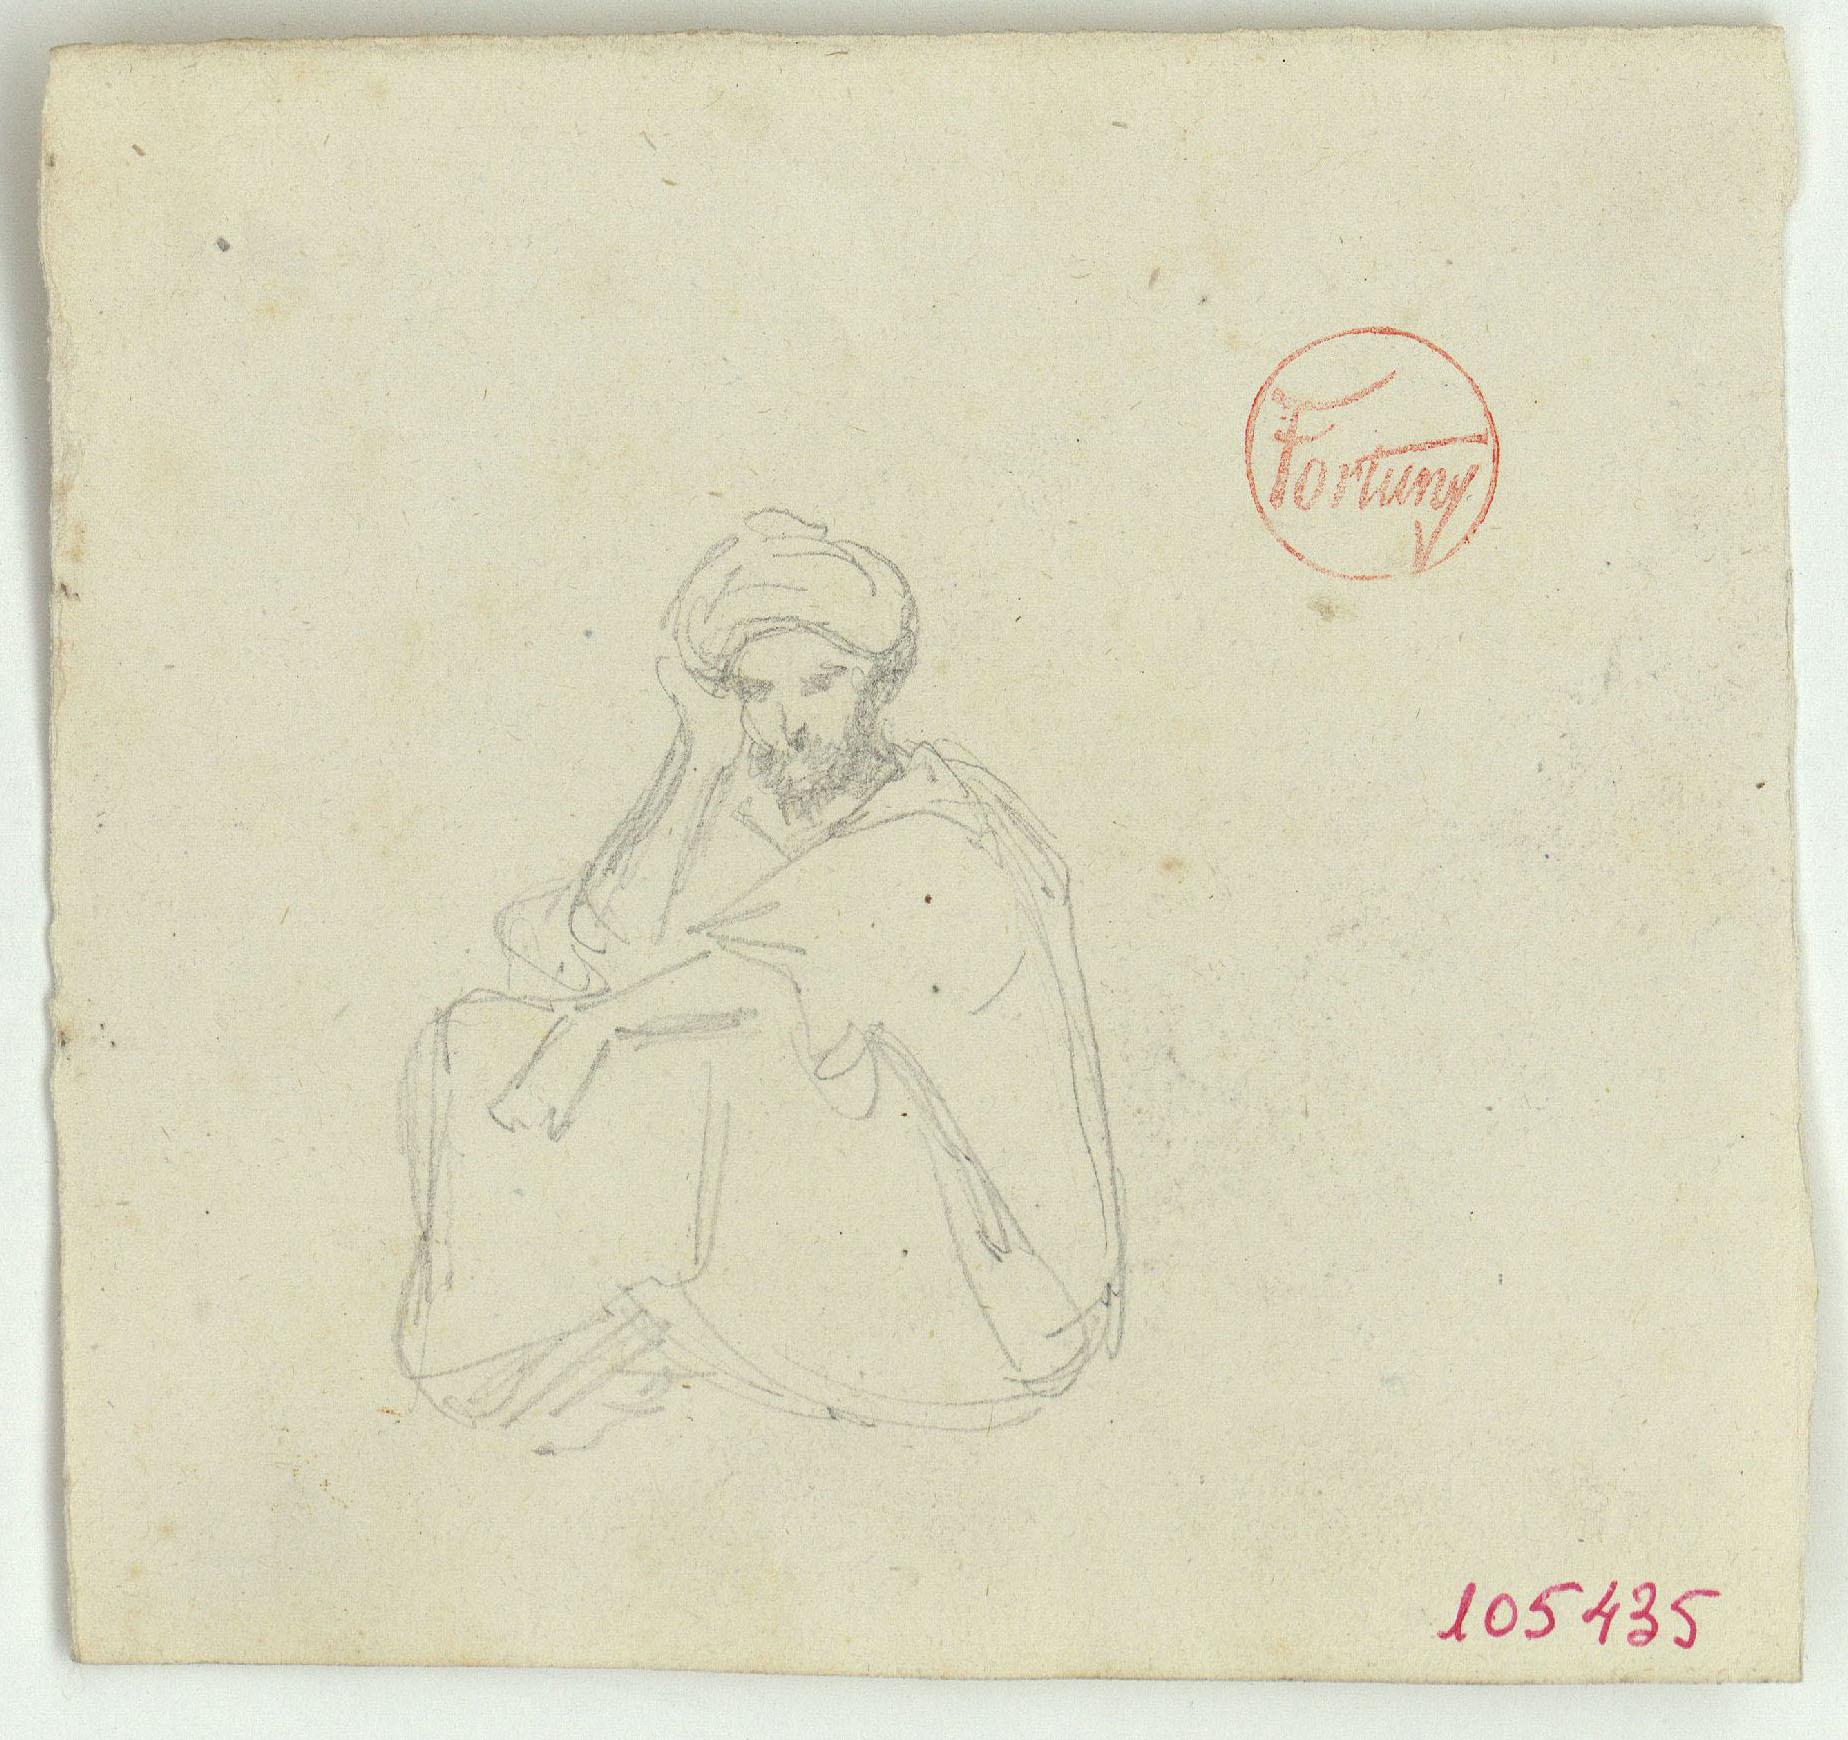 Marià Fortuny - Marroquí - Cap a 1860-1862